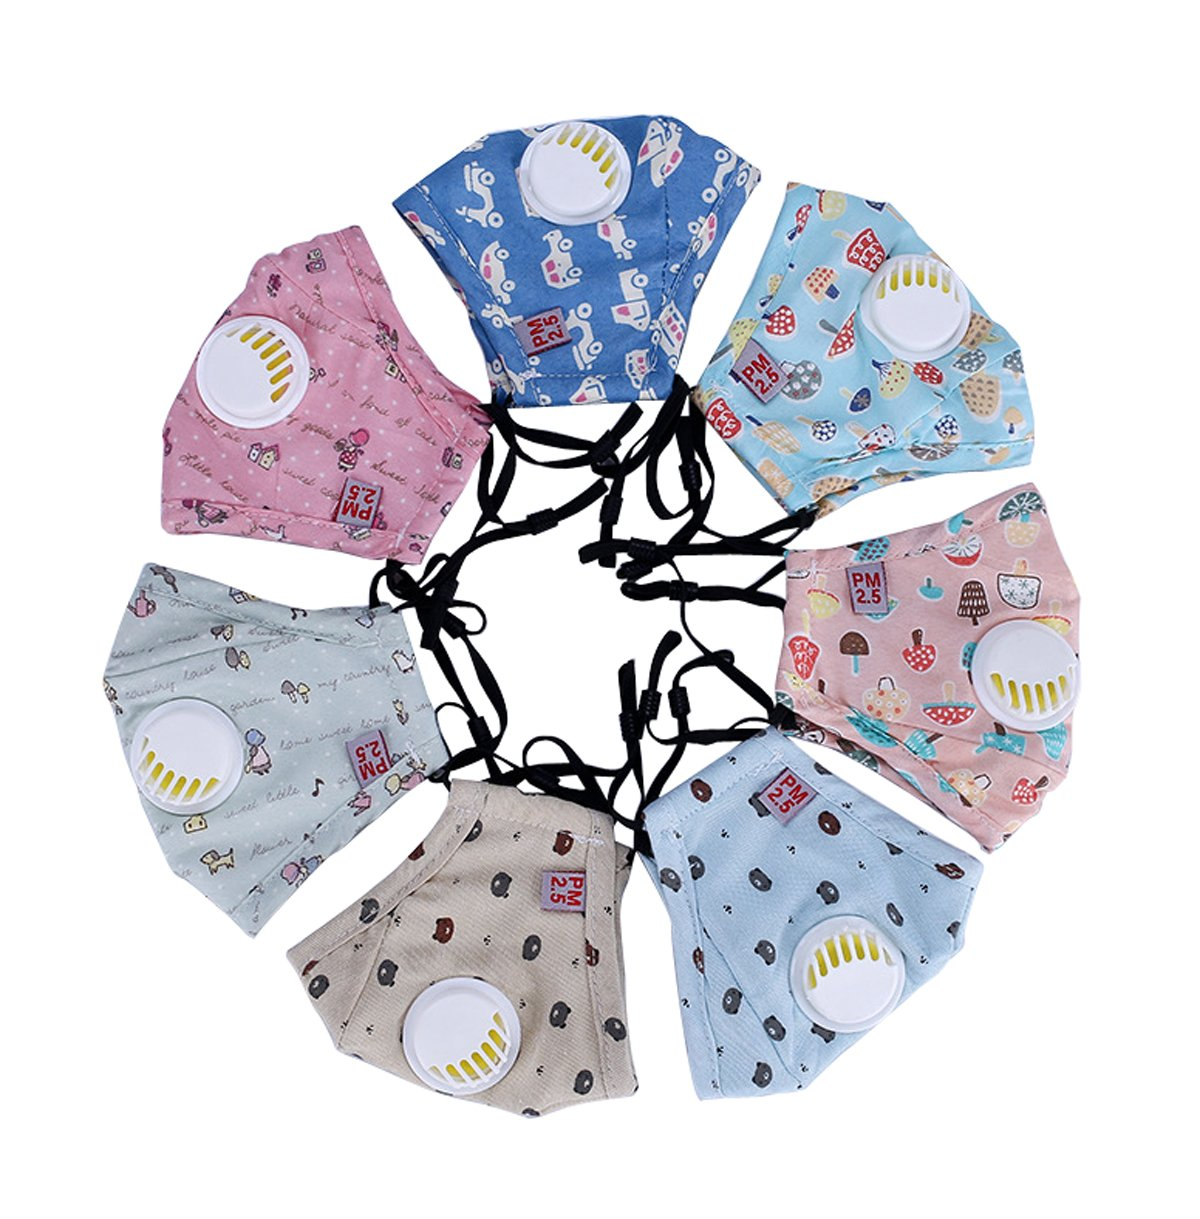 3PCS Schö ne Kinder PM2.5 Baumwoll-Mundschutz Anti Verschmutzung Maske mit Filter Atemschutzmaske fü r Outdoor(Farben in zufä lliger) Dr.Sosmonki